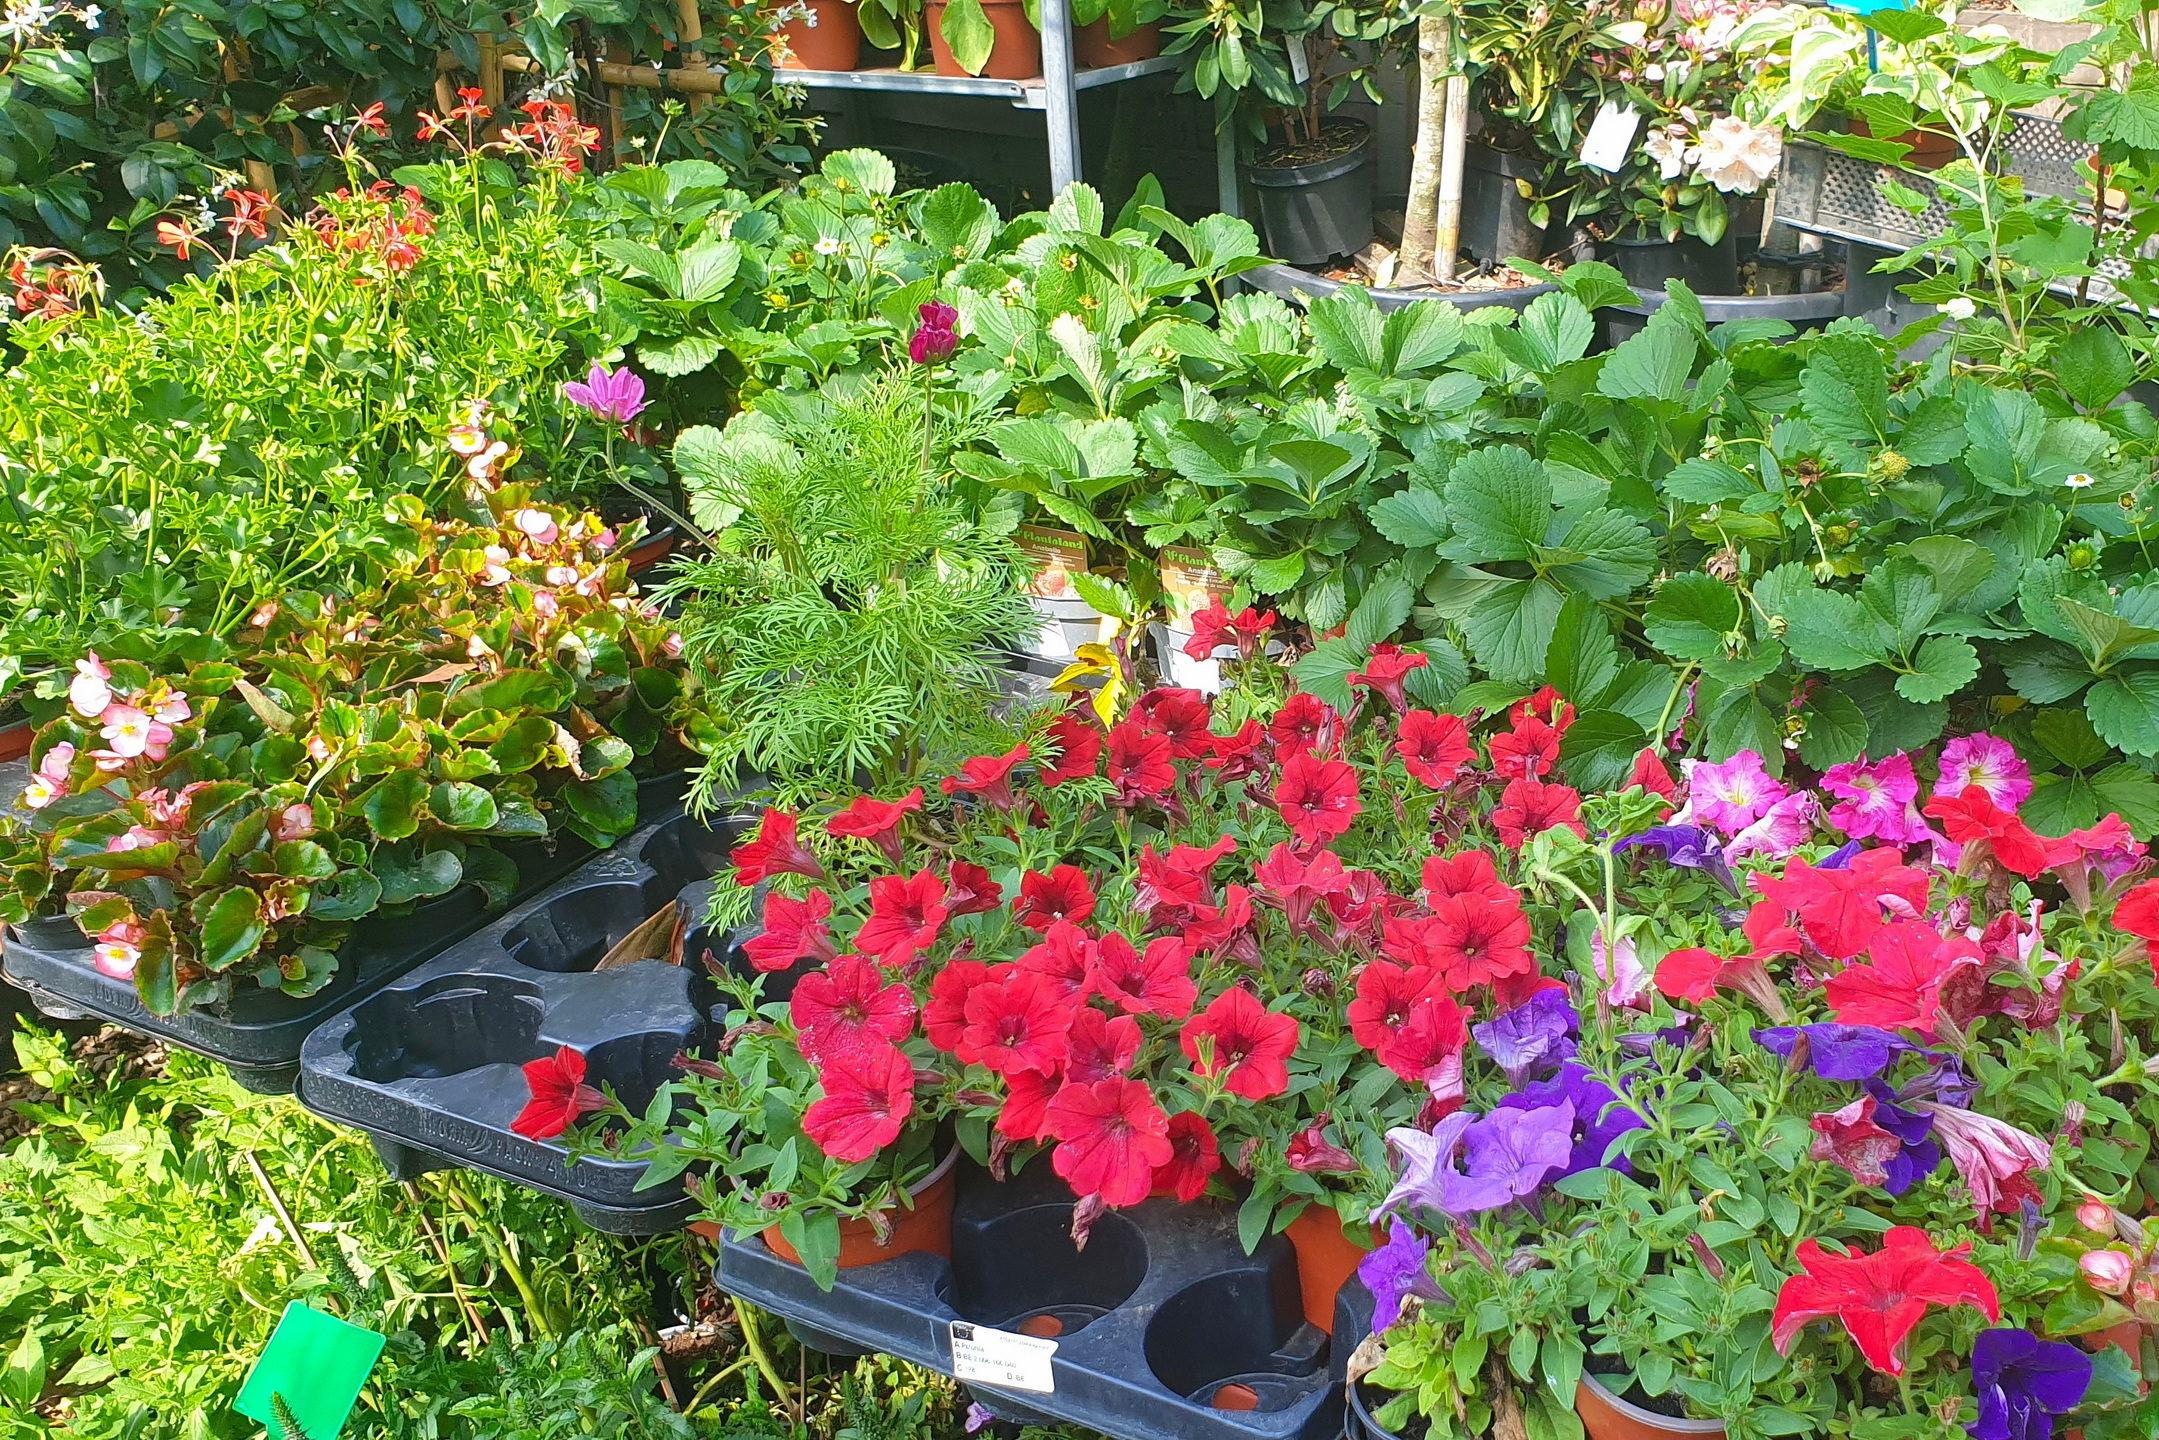 Le-jardin-des-oliviers-21-06-12-19.jpg